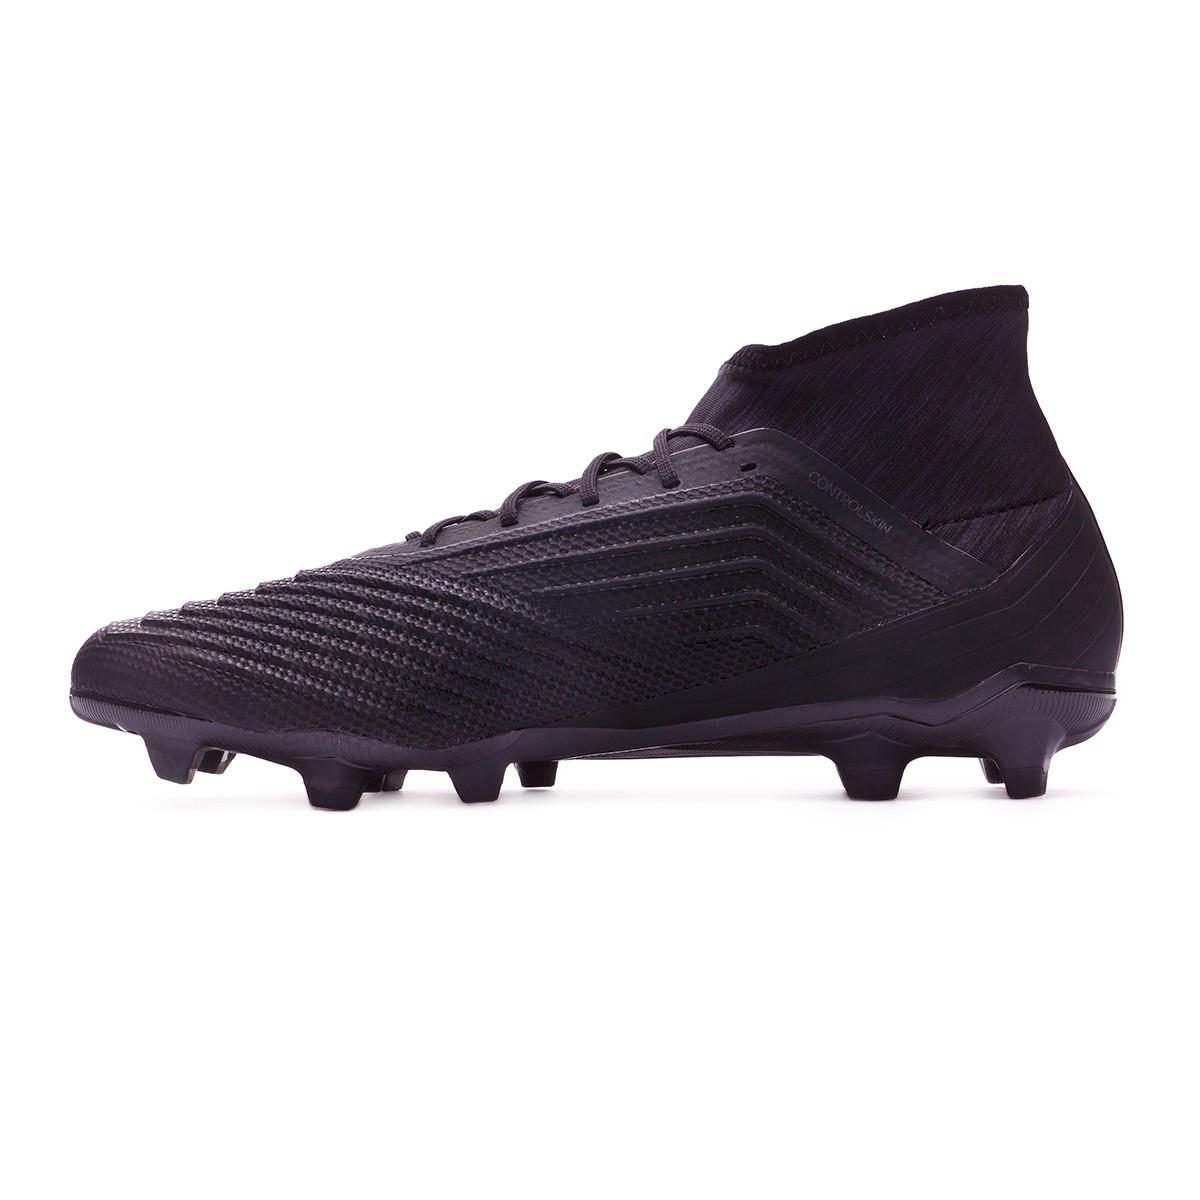 3d8a41a006 Chuteira adidas Predator 18.2 FG Core black-Real coral - Loja de futebol  Fútbol Emotion